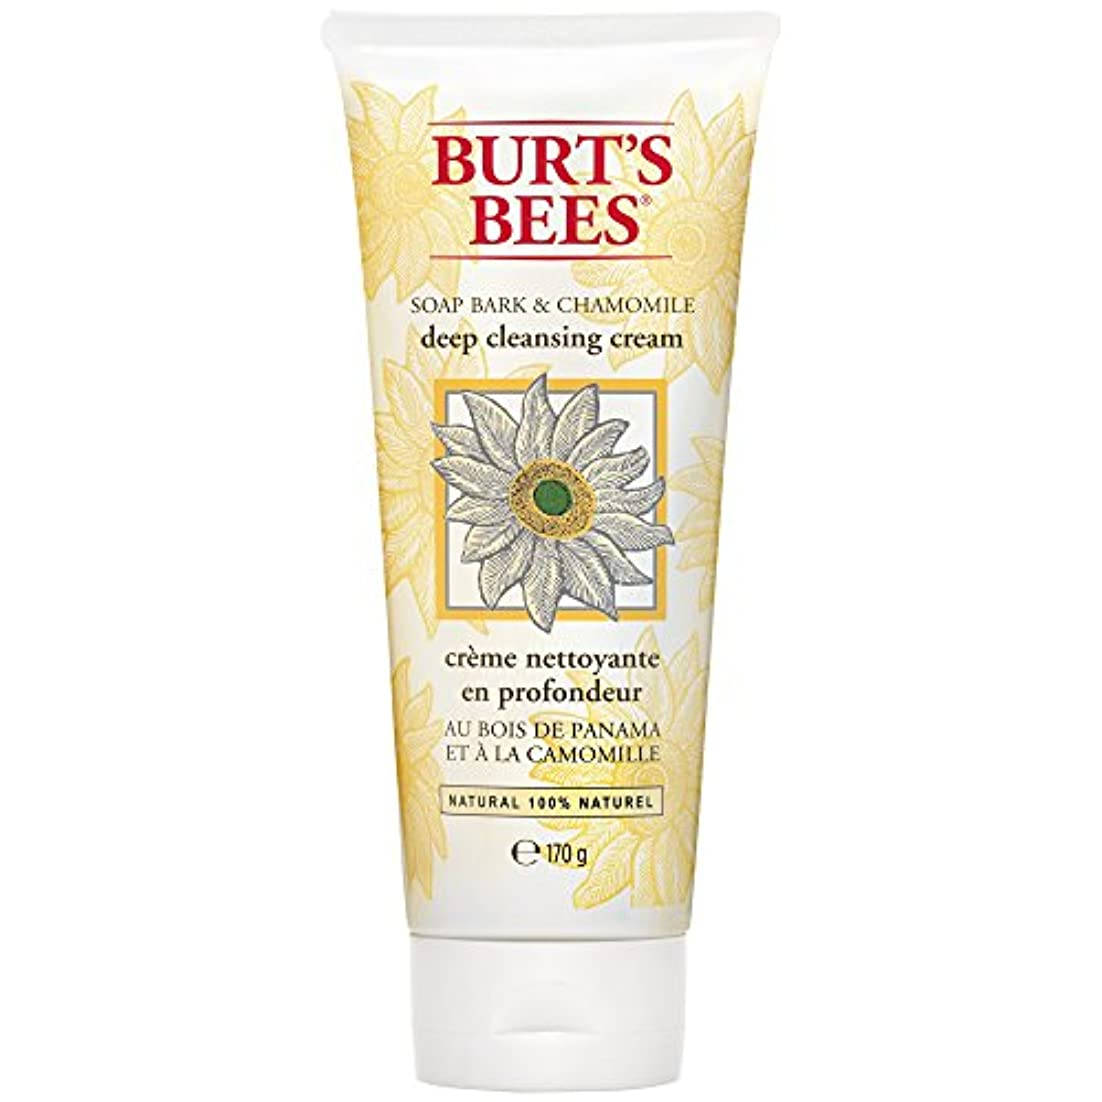 三十すり減る敵意バートのBees?ソープバーク??&カモミールディープクレンジングクリーム170グラム (Burt's Bees) (x2) - Burt's Bees? Soap Bark & Chamomile Deep Cleansing...